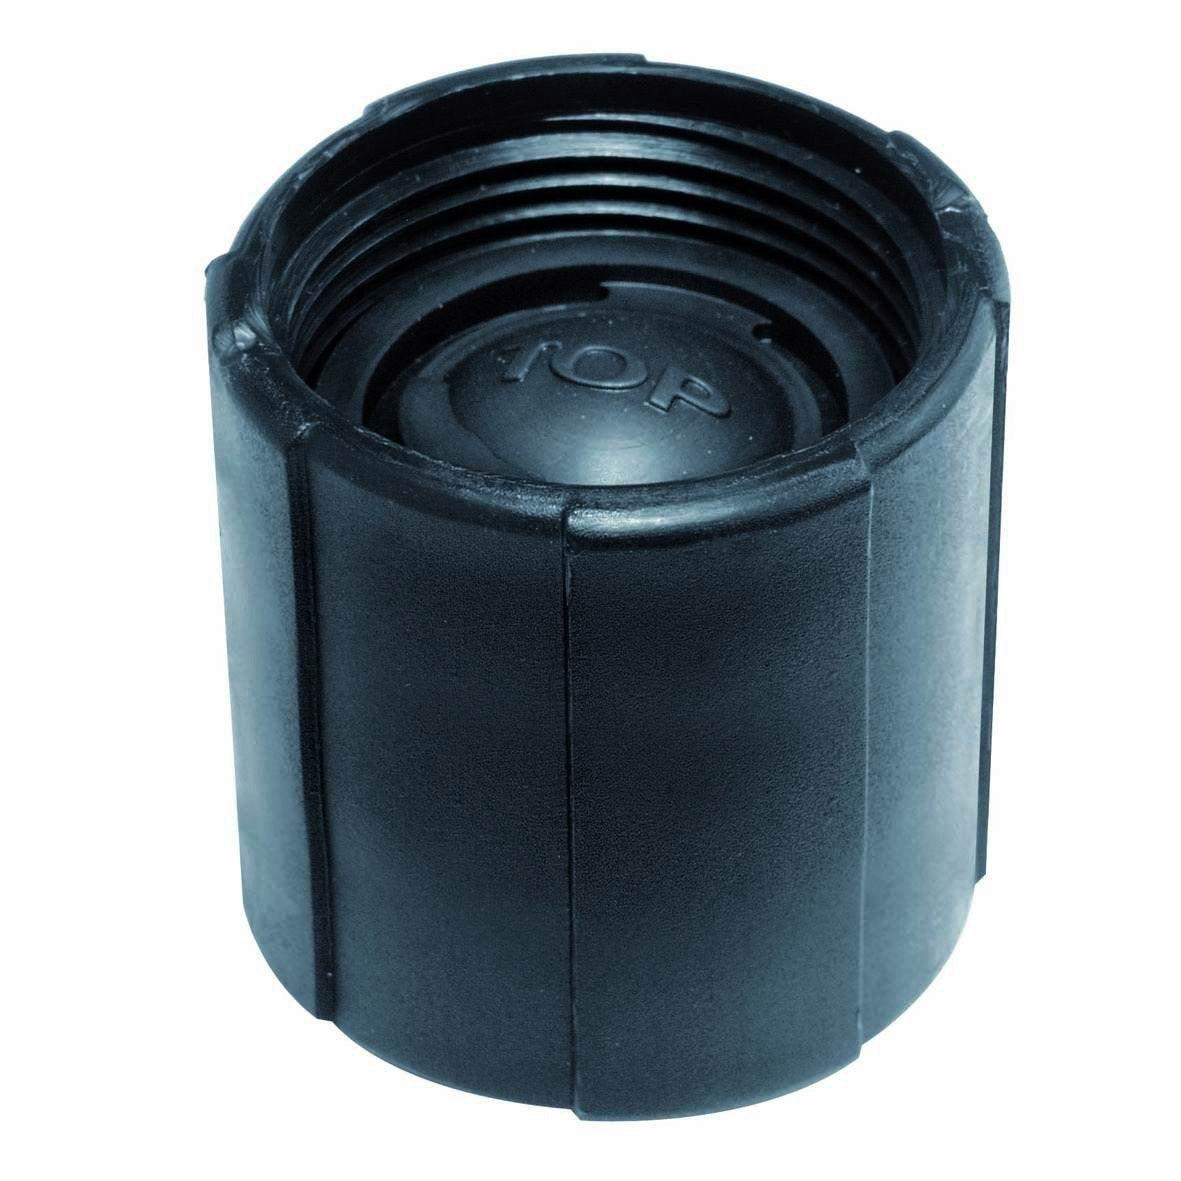 Clapet anti retour flotec femelle 25 mm femelle 25 mm for Clapet anti retour piscine